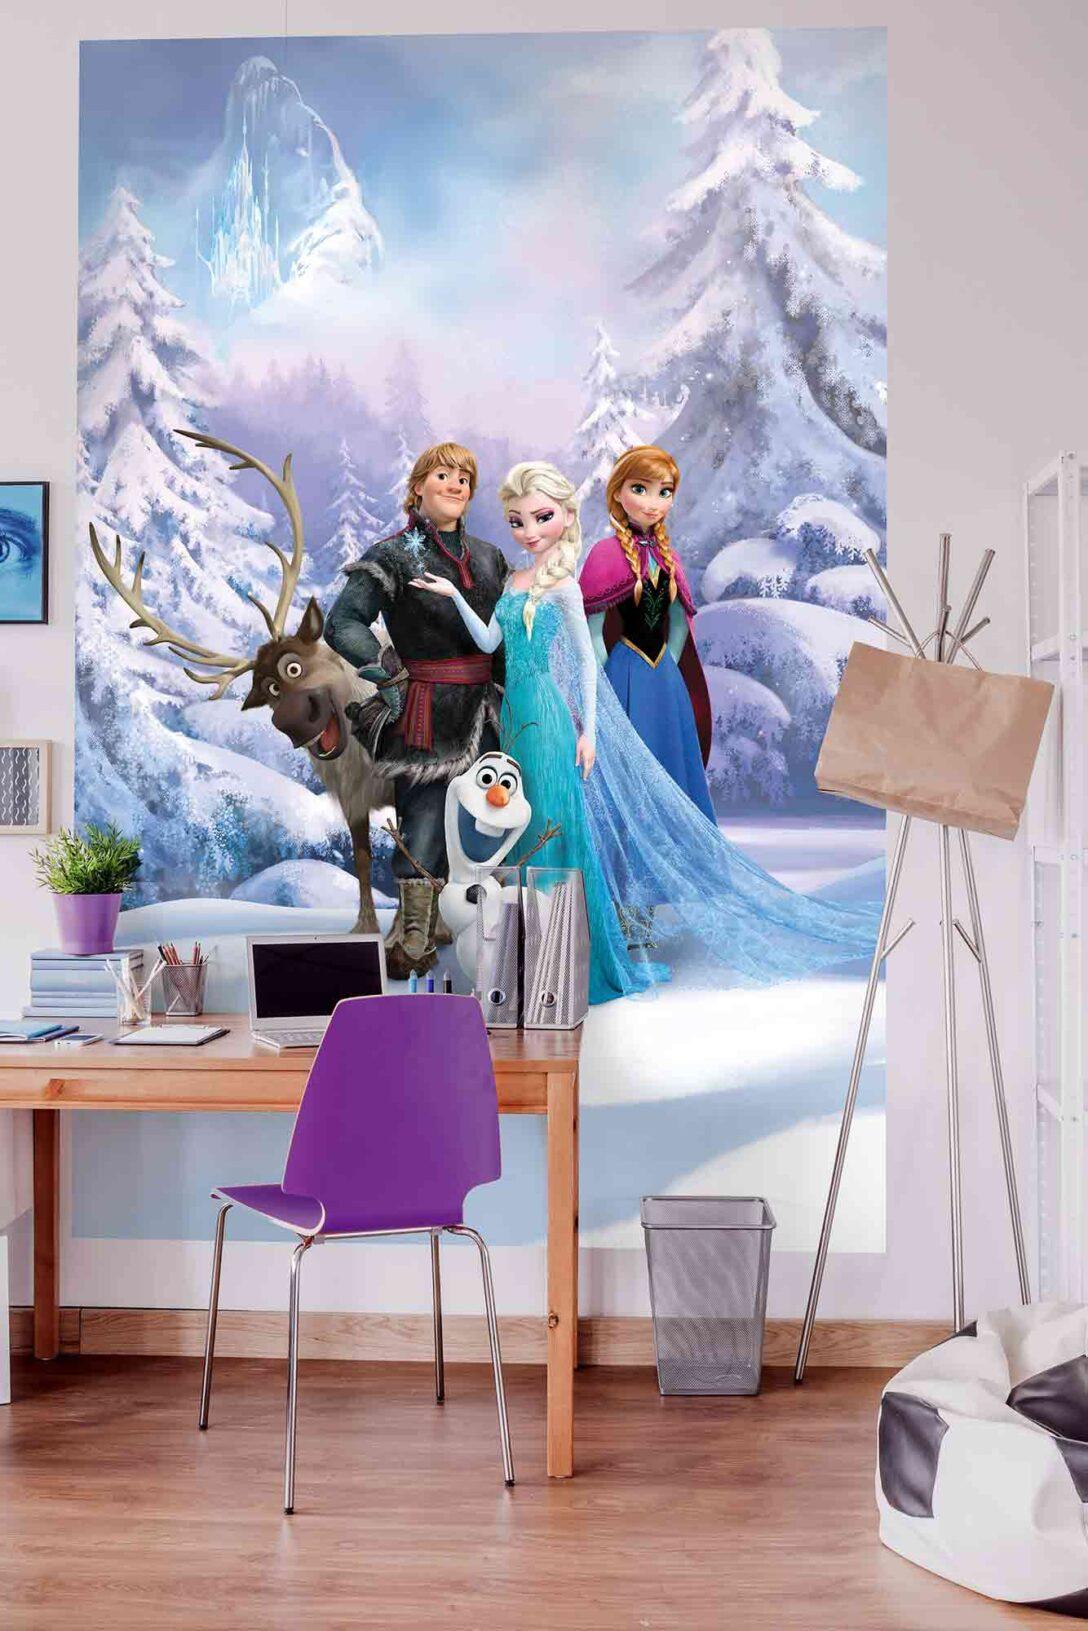 Large Size of Tapeten Für Kinderzimmer Disney Elsa Frozen Forest Winter Land Fototapete Kindertapeten Wasserhahn Küche Schlafzimmer Kopfteile Betten Deko Stuhl Regale Kinderzimmer Tapeten Für Kinderzimmer